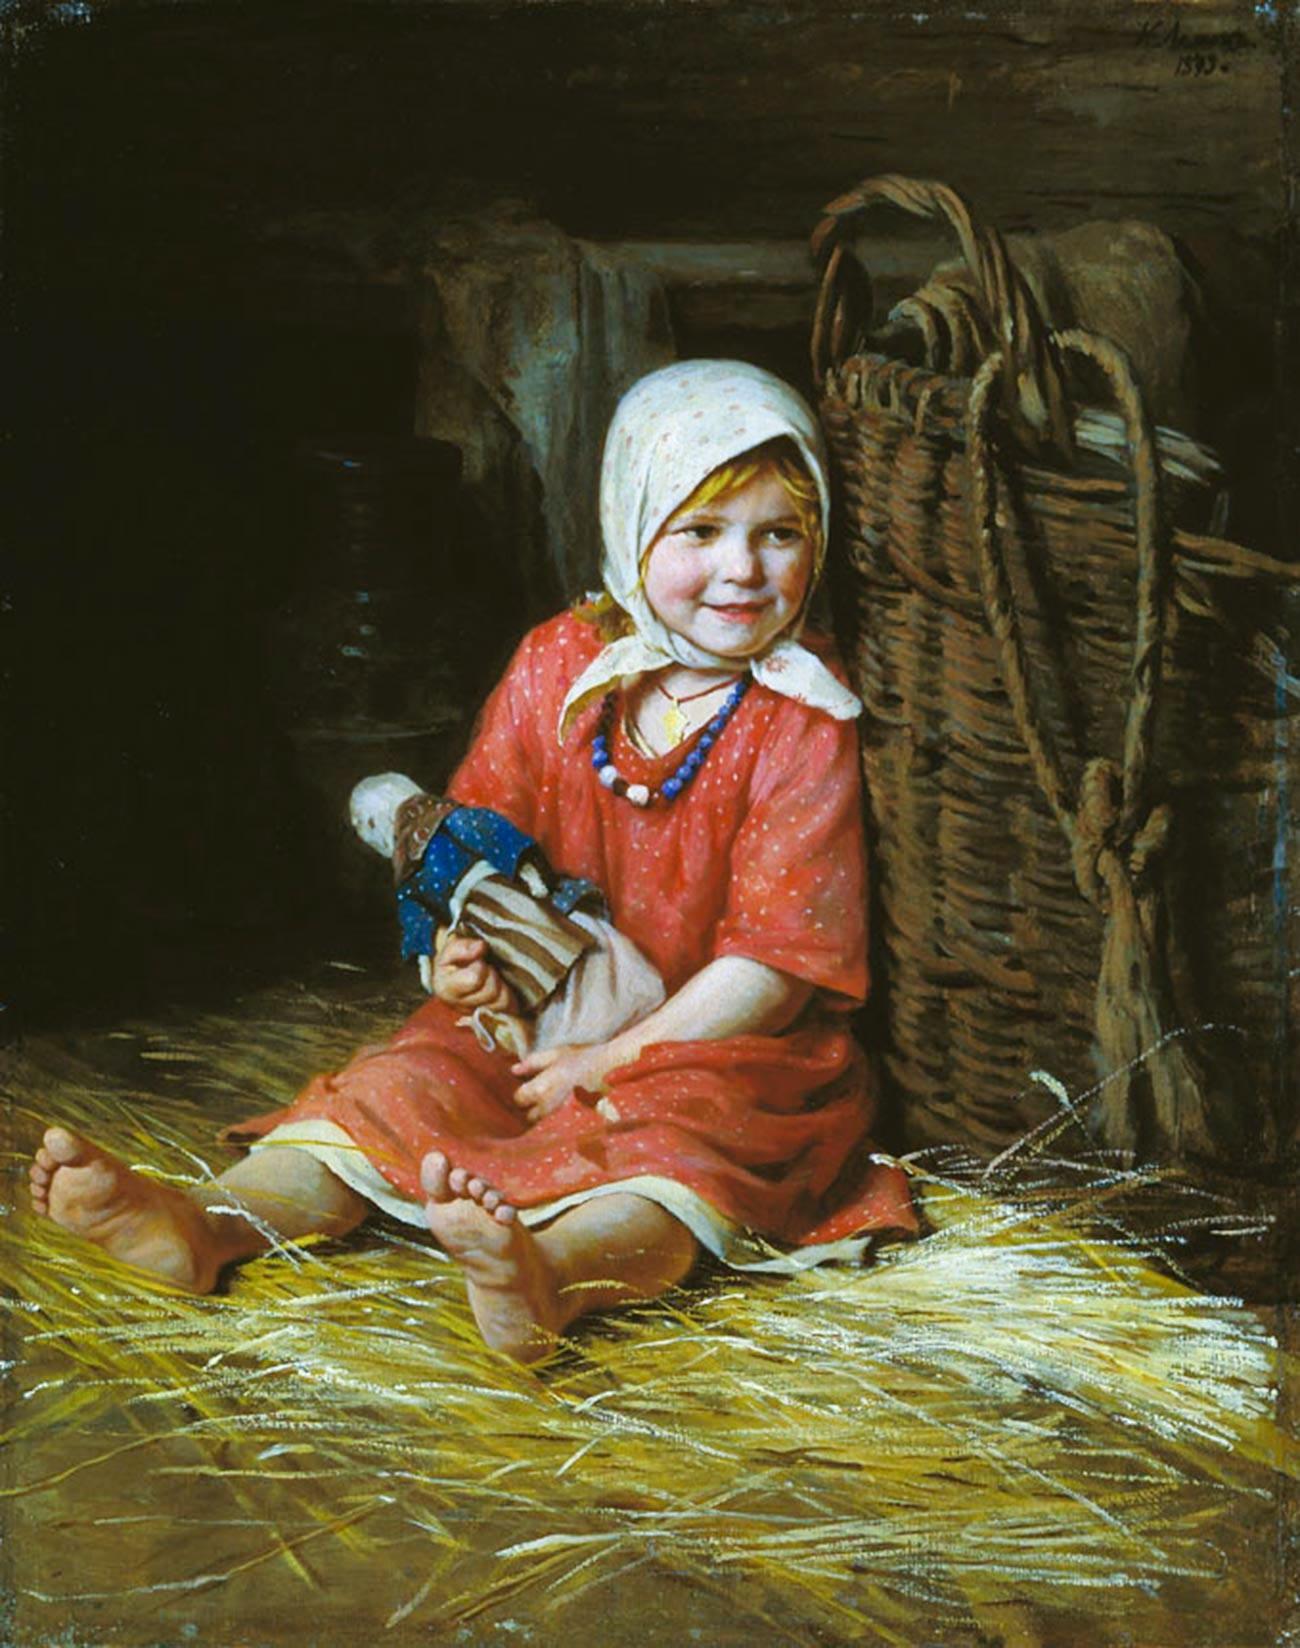 Warjka von Karl Lemoch. Das Mädchen hält eine Holzpuppe.